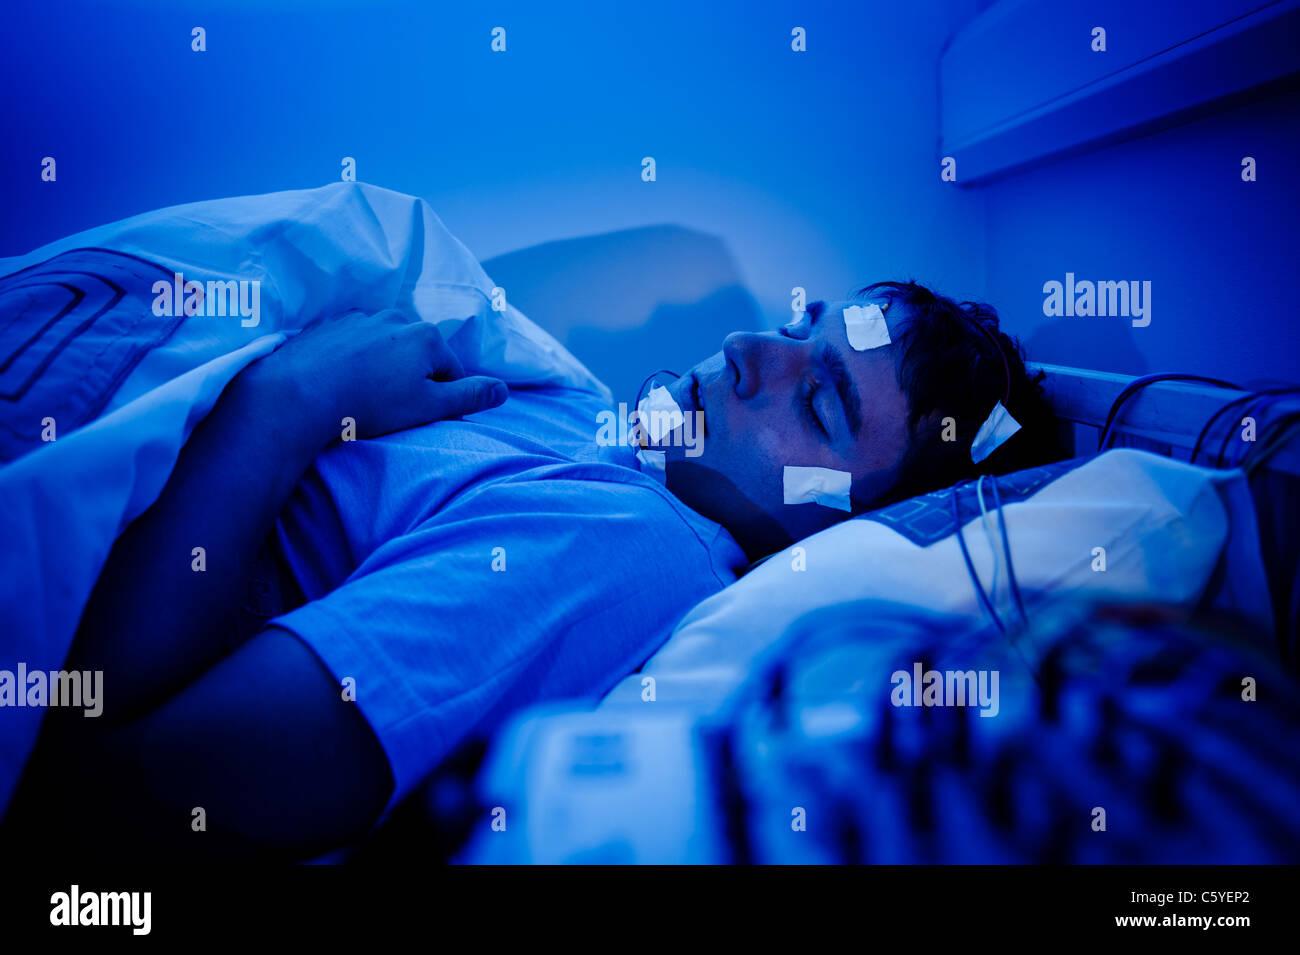 schlafen Sie Lab-EEG Überwachung Maschinenausstattung und Kabel und Elektroden mit Thema in blaue Hintergrundbeleuchtung Stockbild